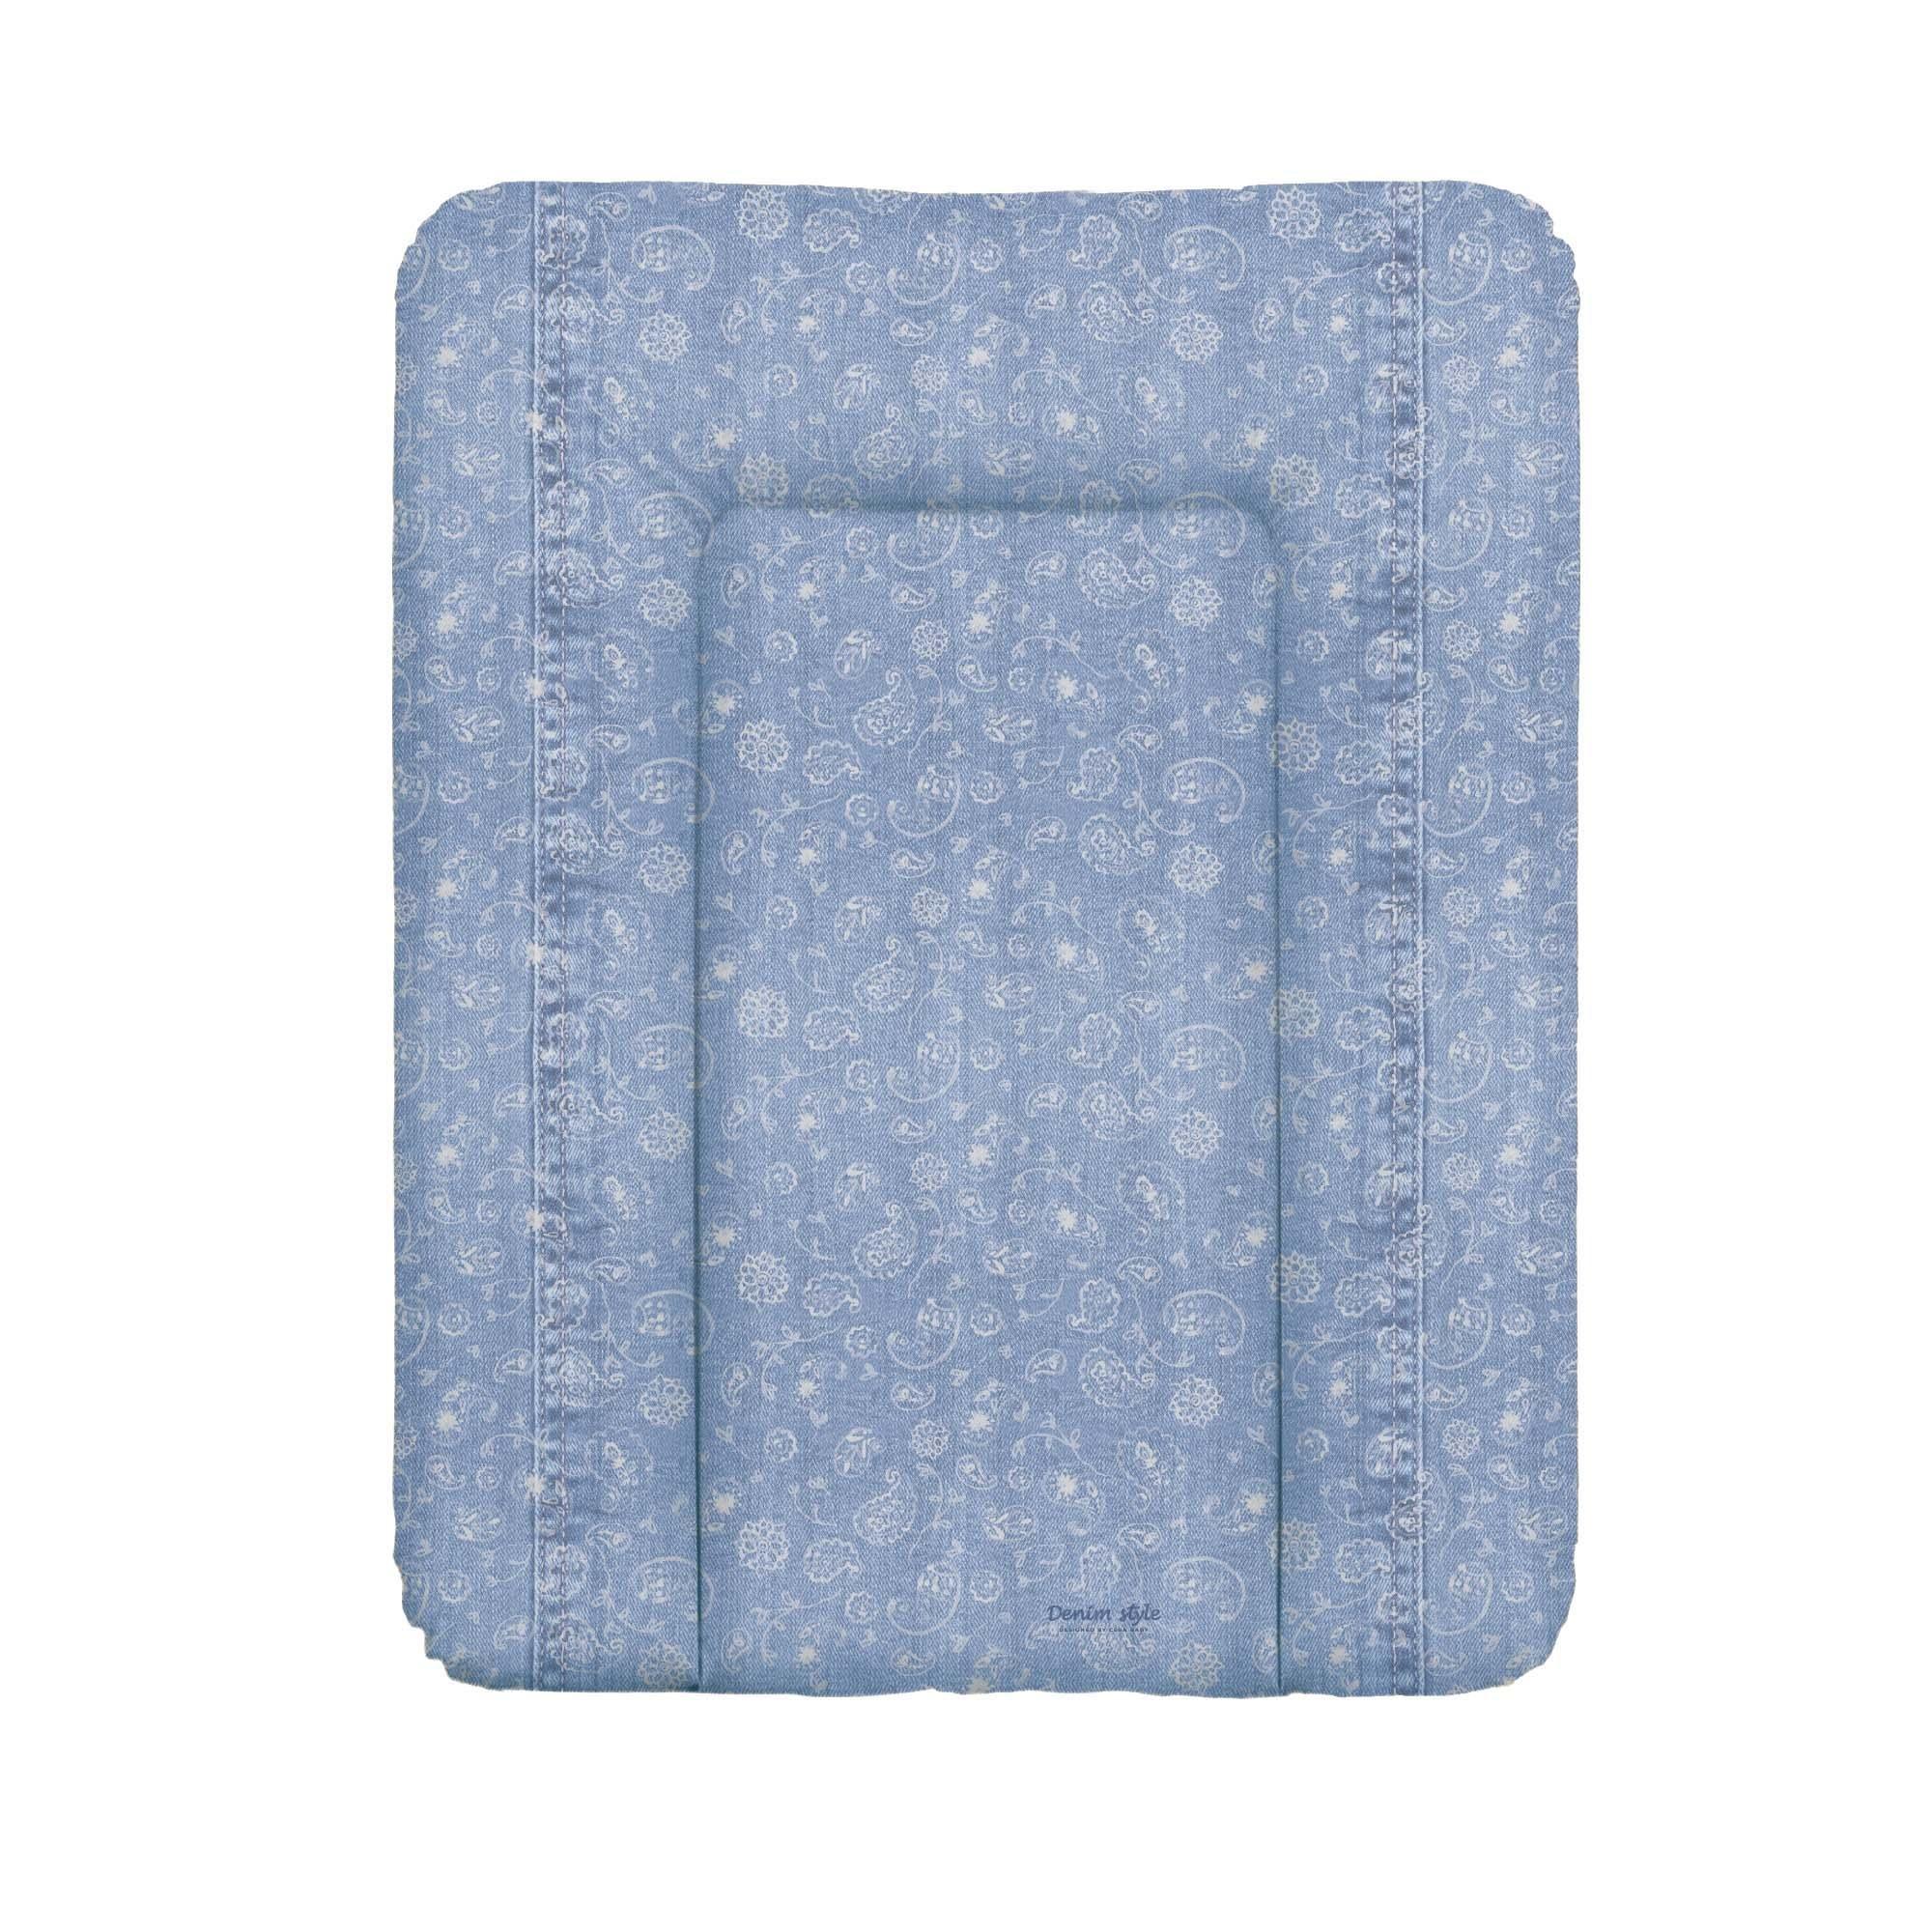 Pøebalovací podložka mìkká 50x70 cm DENIM STYLE modrá - zvìtšit obrázek